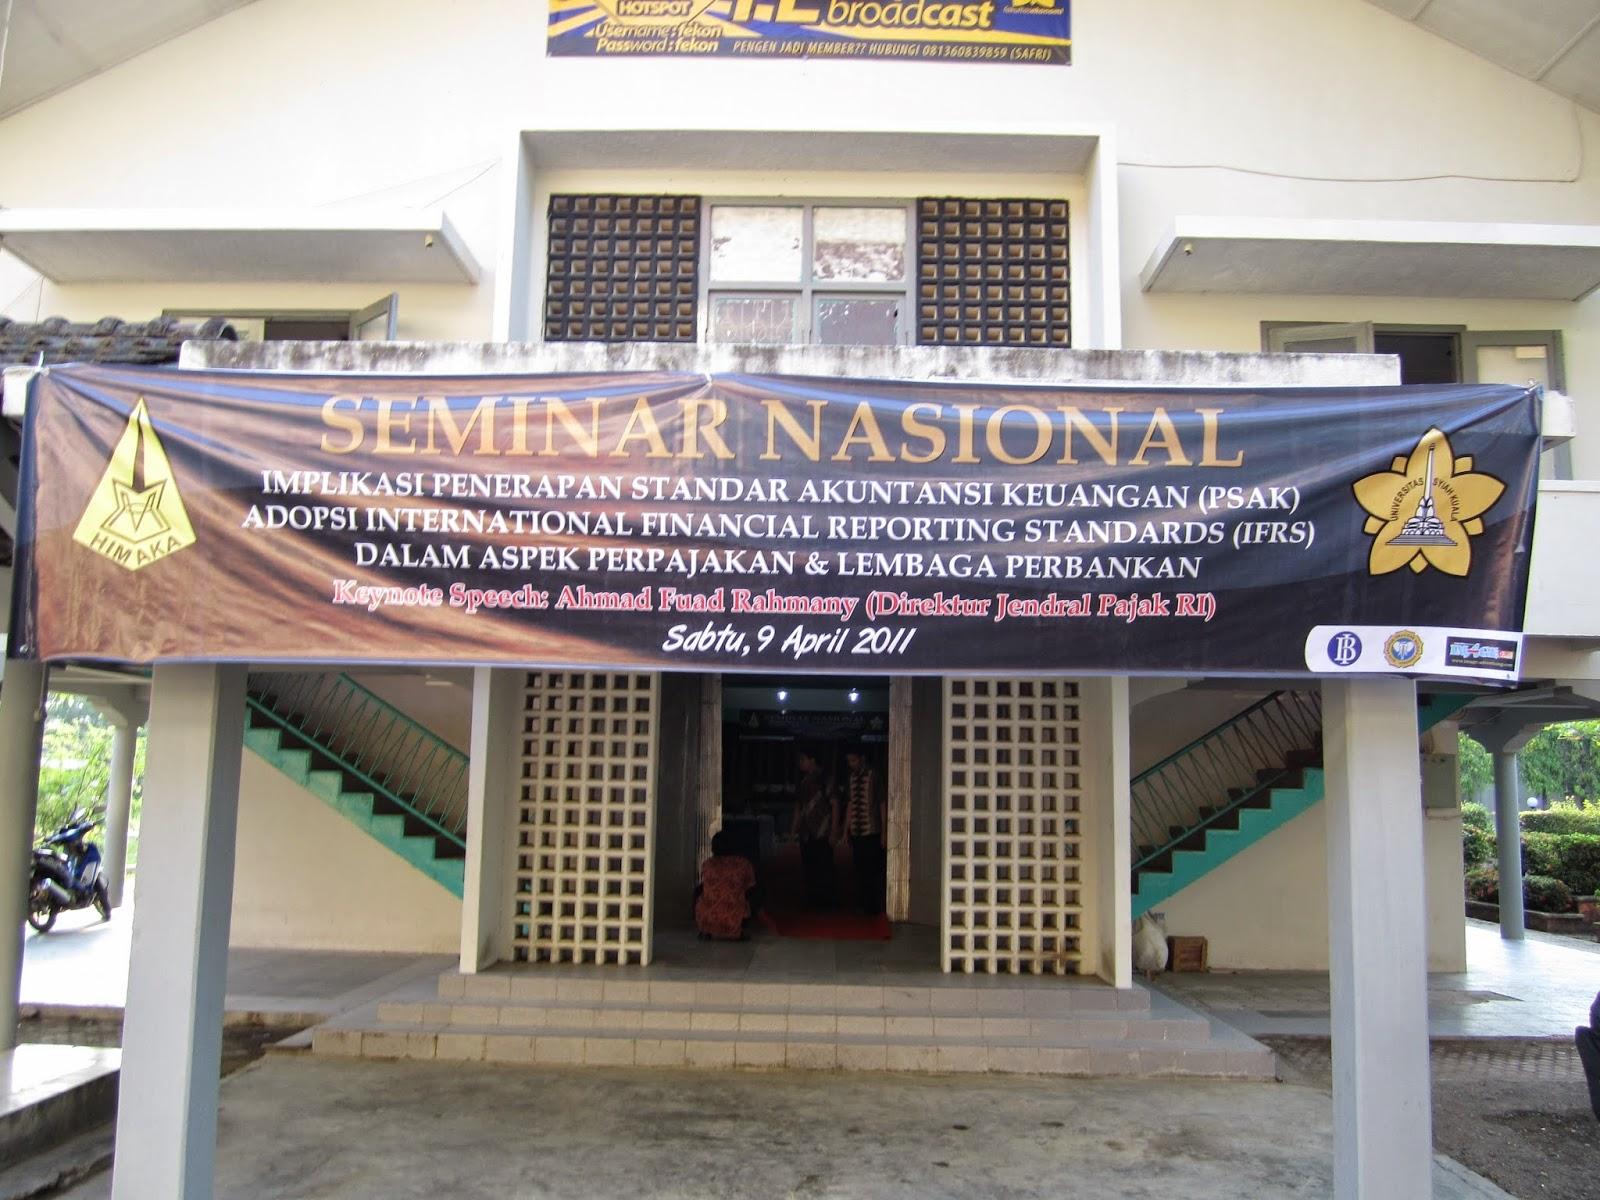 Prodi D-III Perpajakan Menyelenggarakan Seminar Nasional Yang disampaikan Oleh Direktur Jendral Pajaka RI.